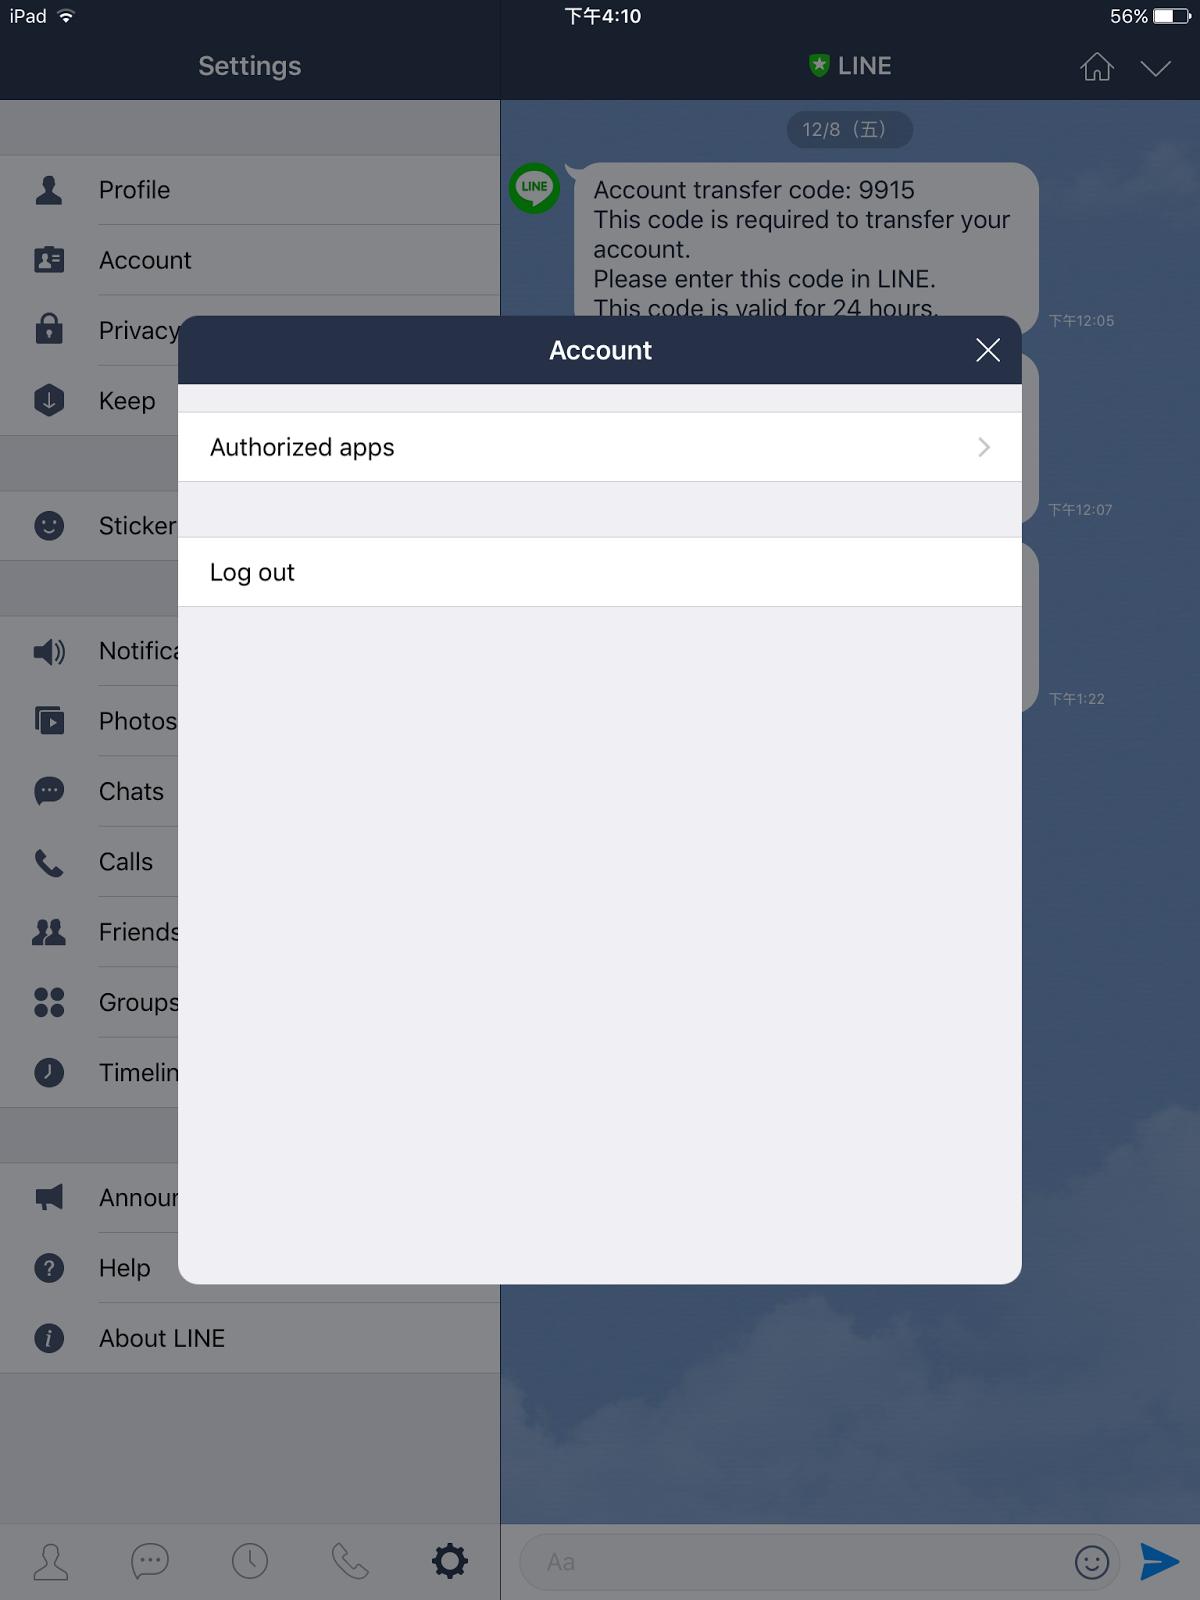 iPad如何轉移Line帳號資料到新機? - 片片落謝的影塵 Pieces of image